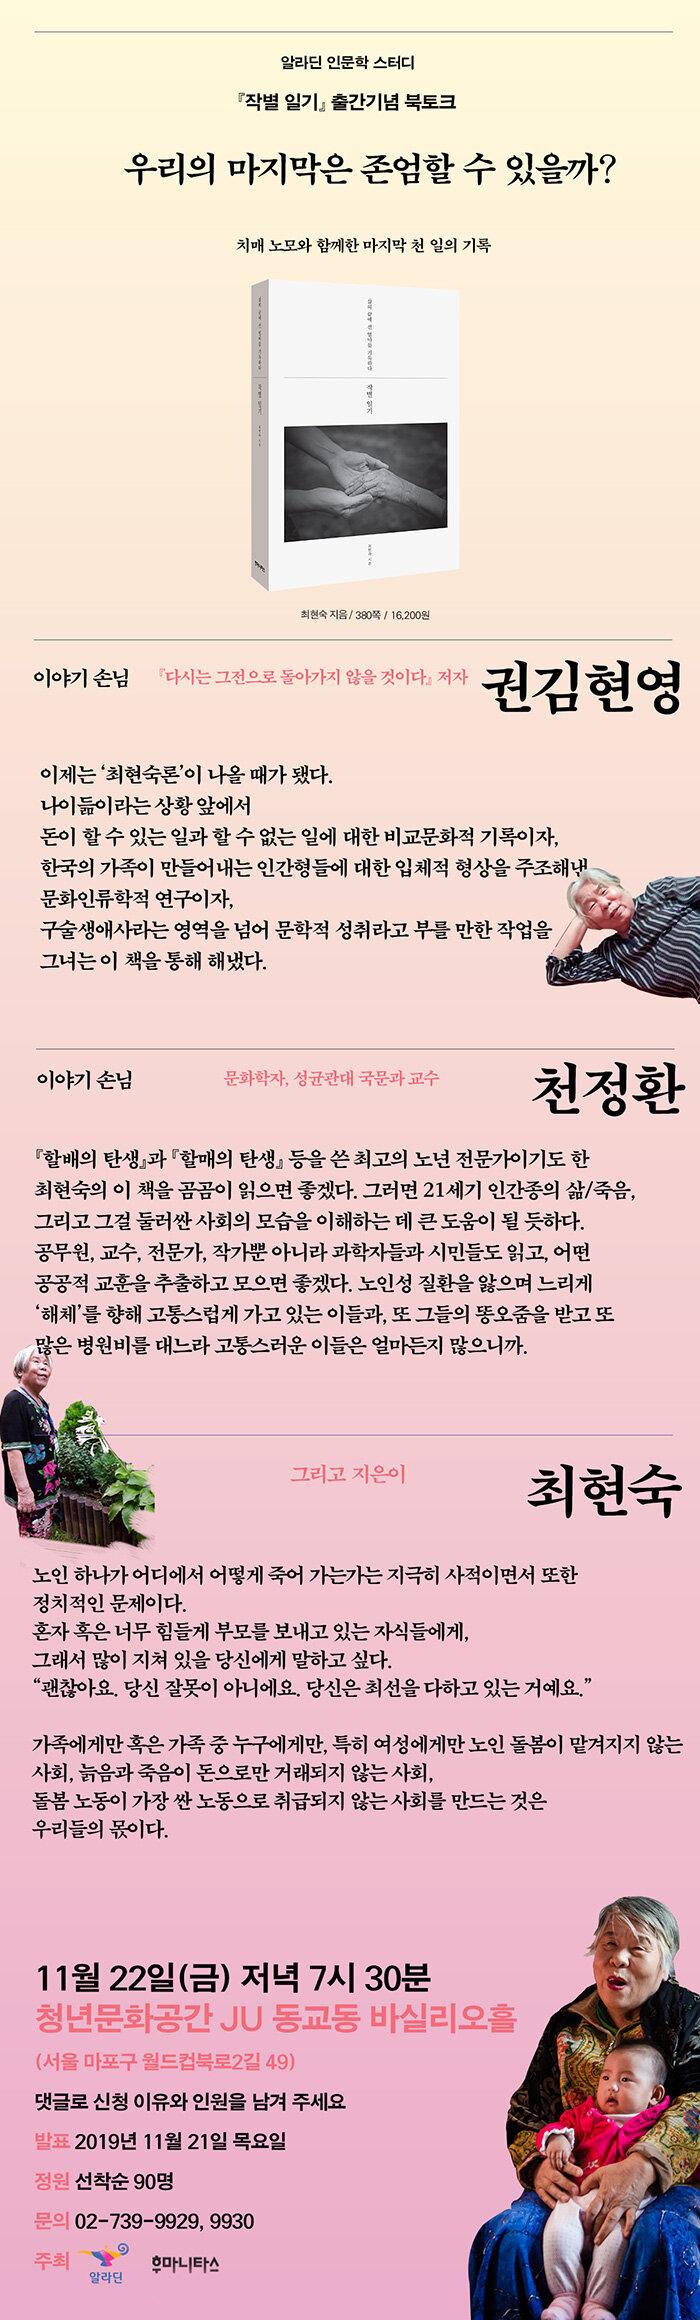 <작별 일기> 출간 기념 북토크